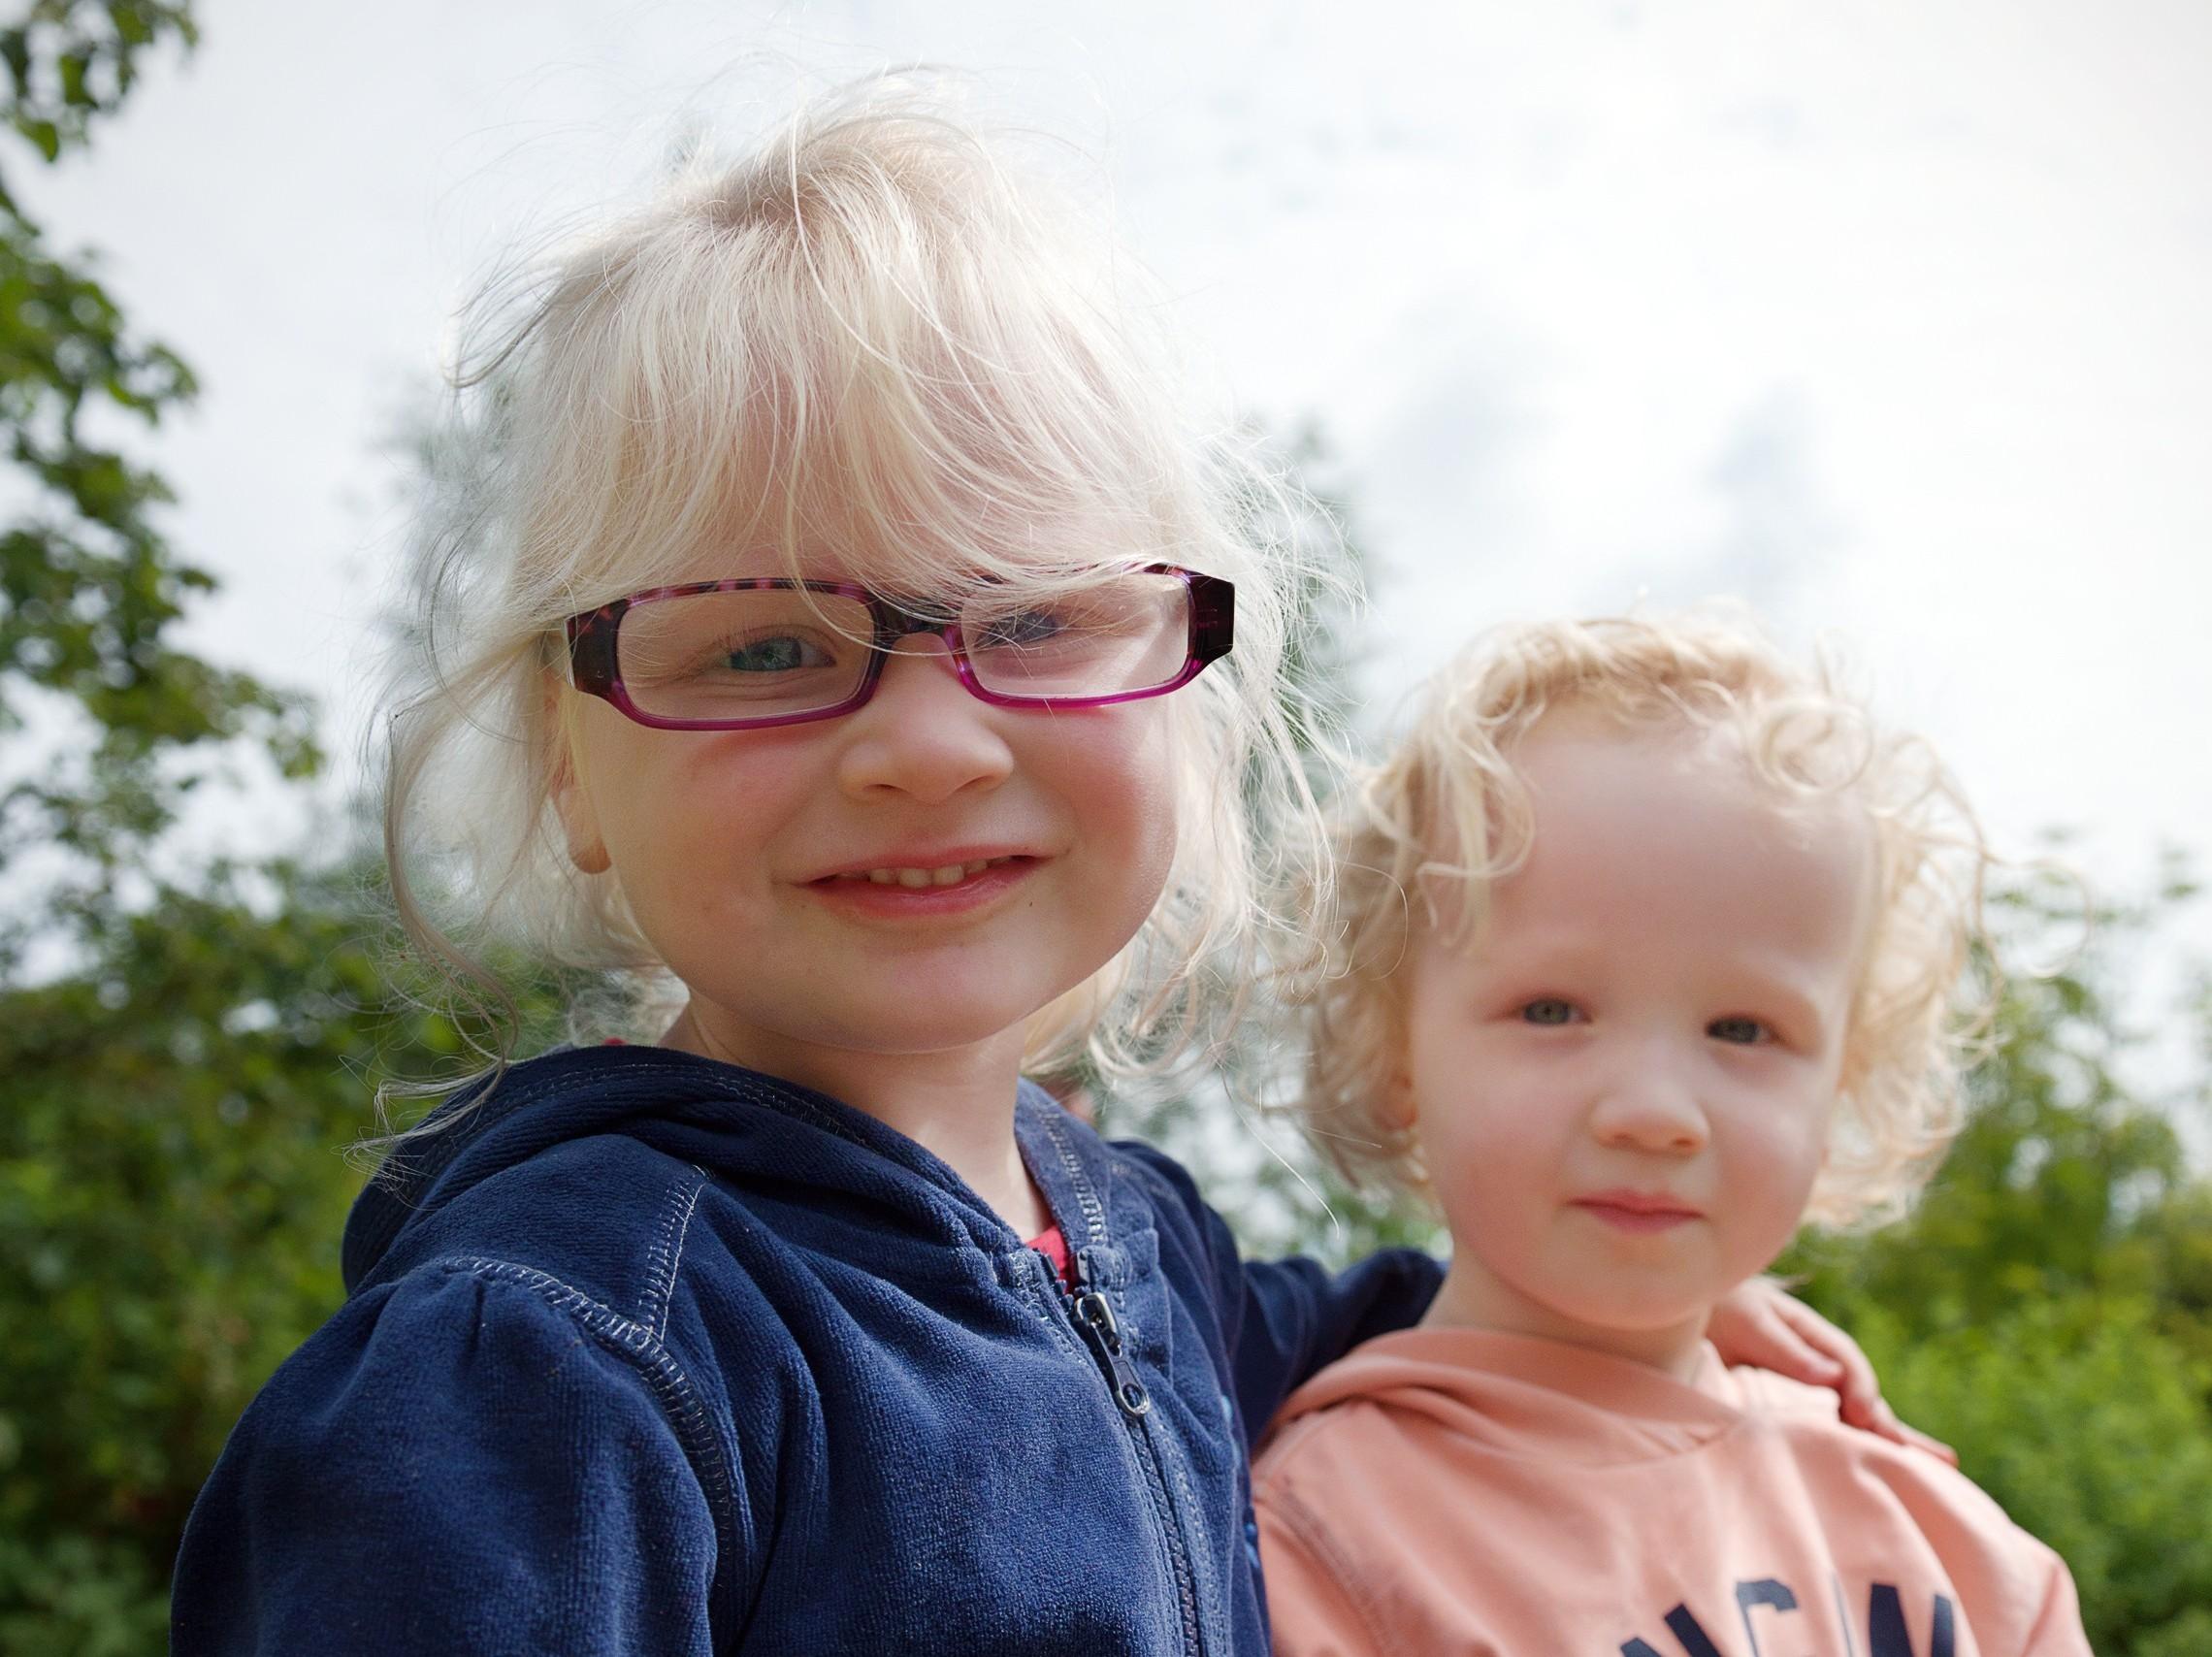 twee kinderen met een visuele beperking